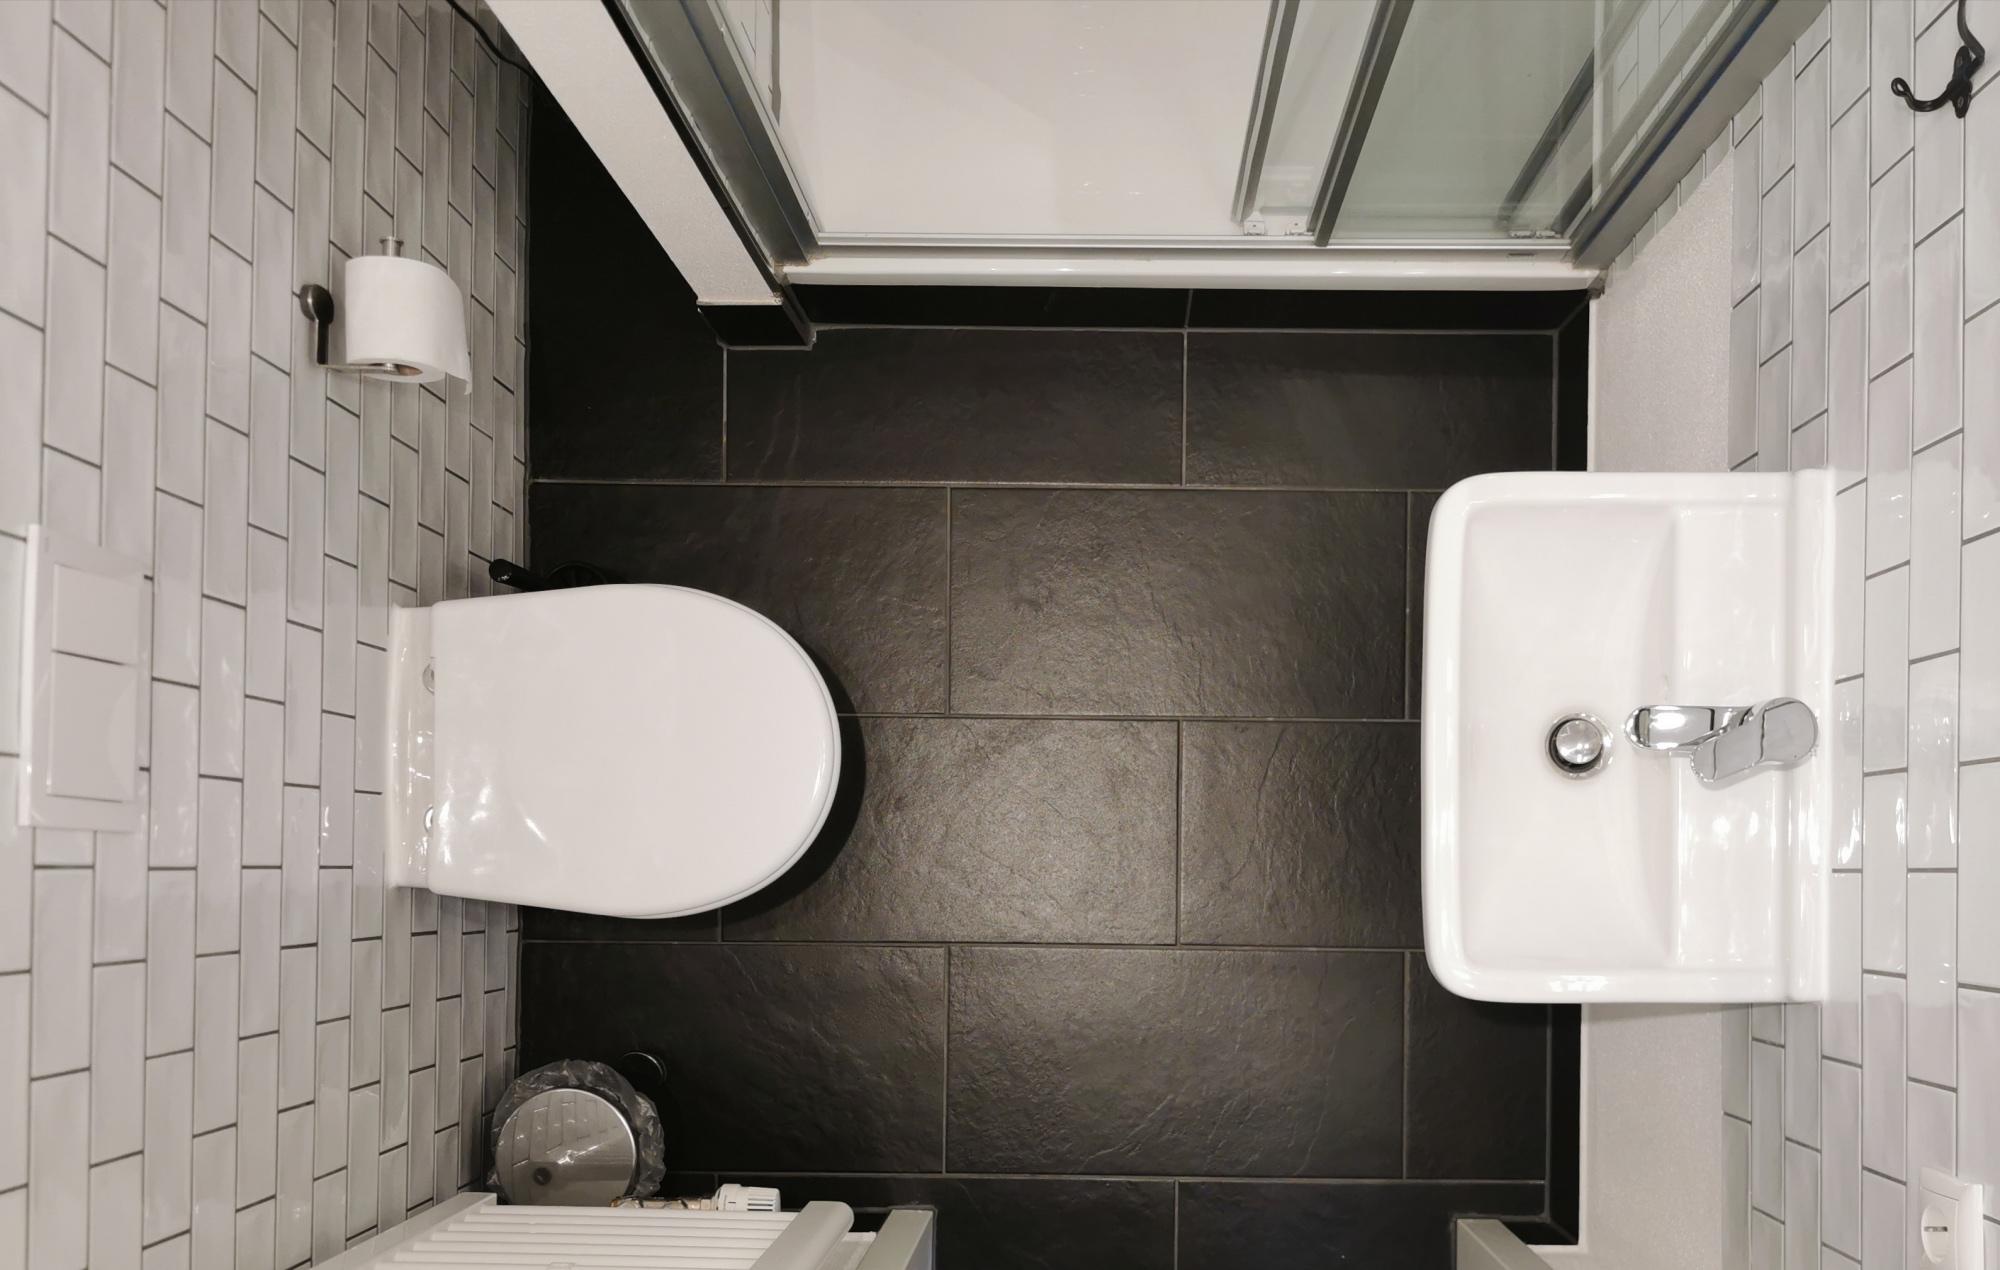 Blick von oben auf eines der hellen Badezimmer mit eleganten schwarzen Fließen.